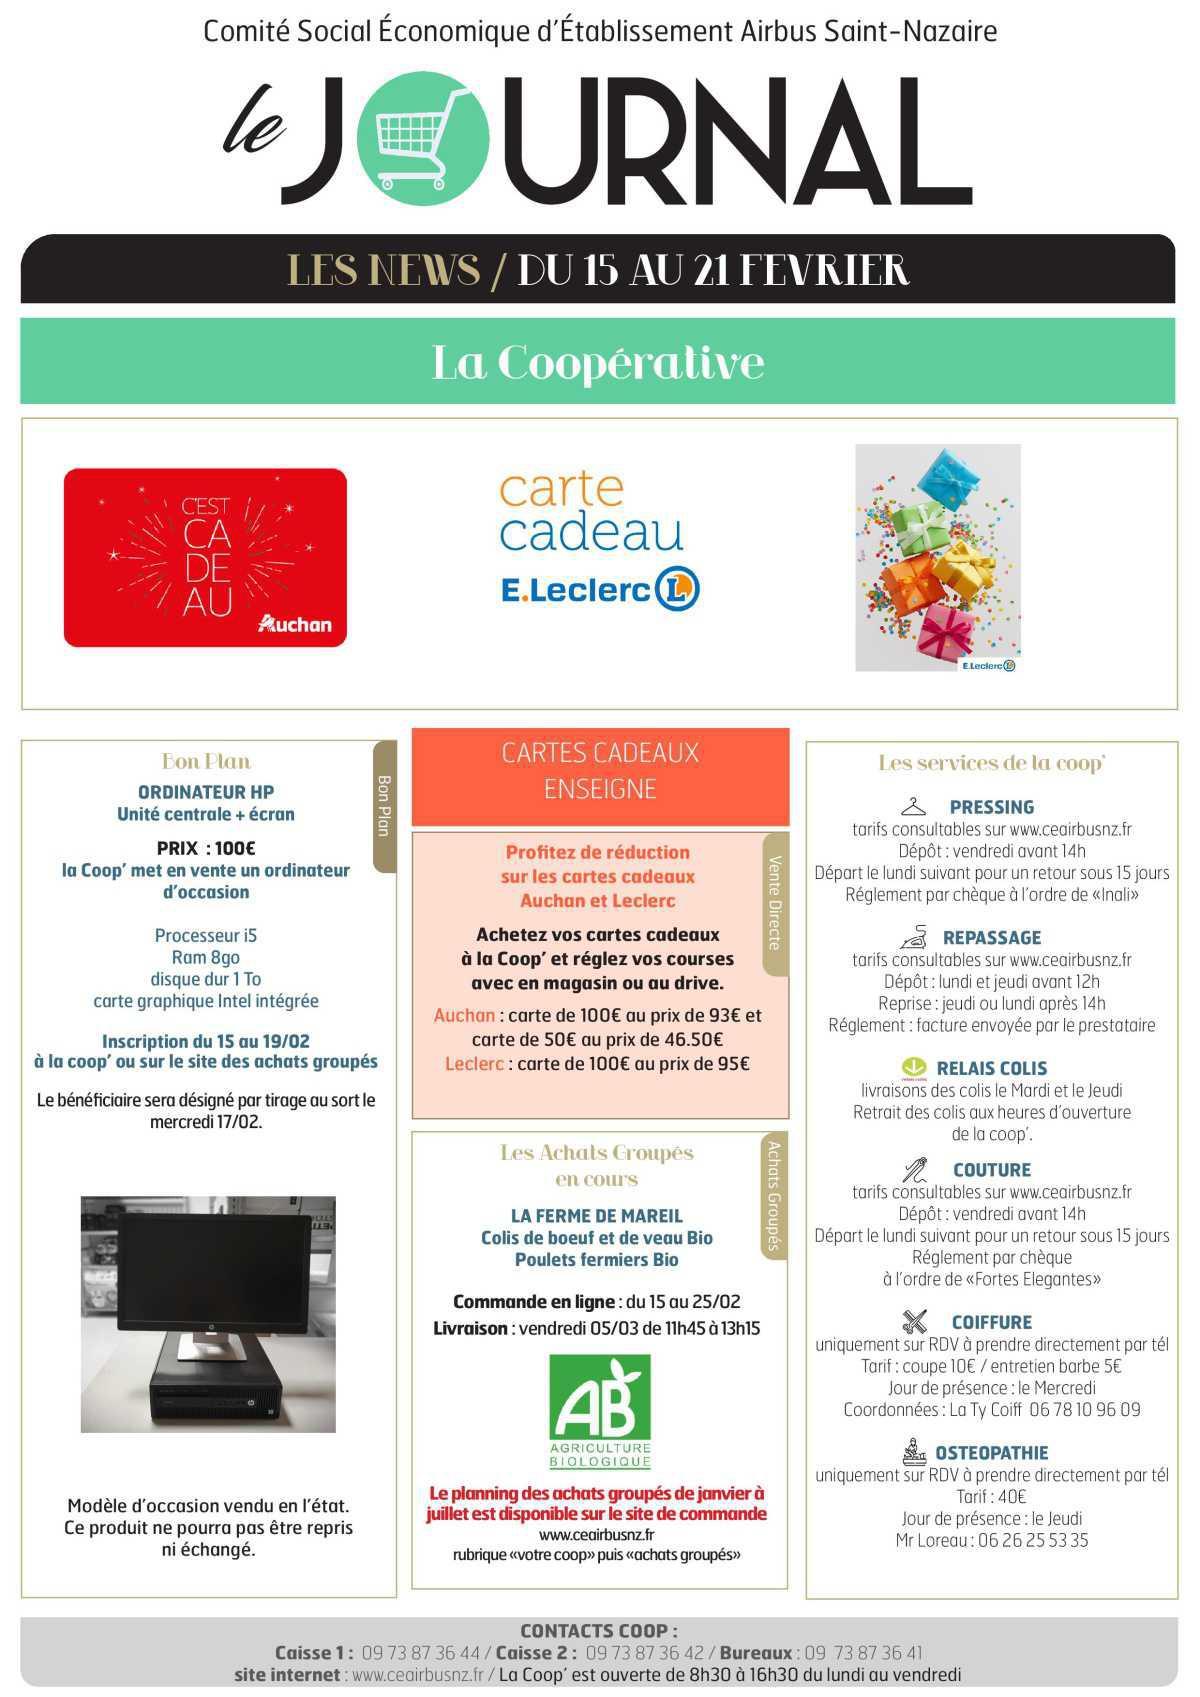 Informations du CSE et de la coopérative semaine 7